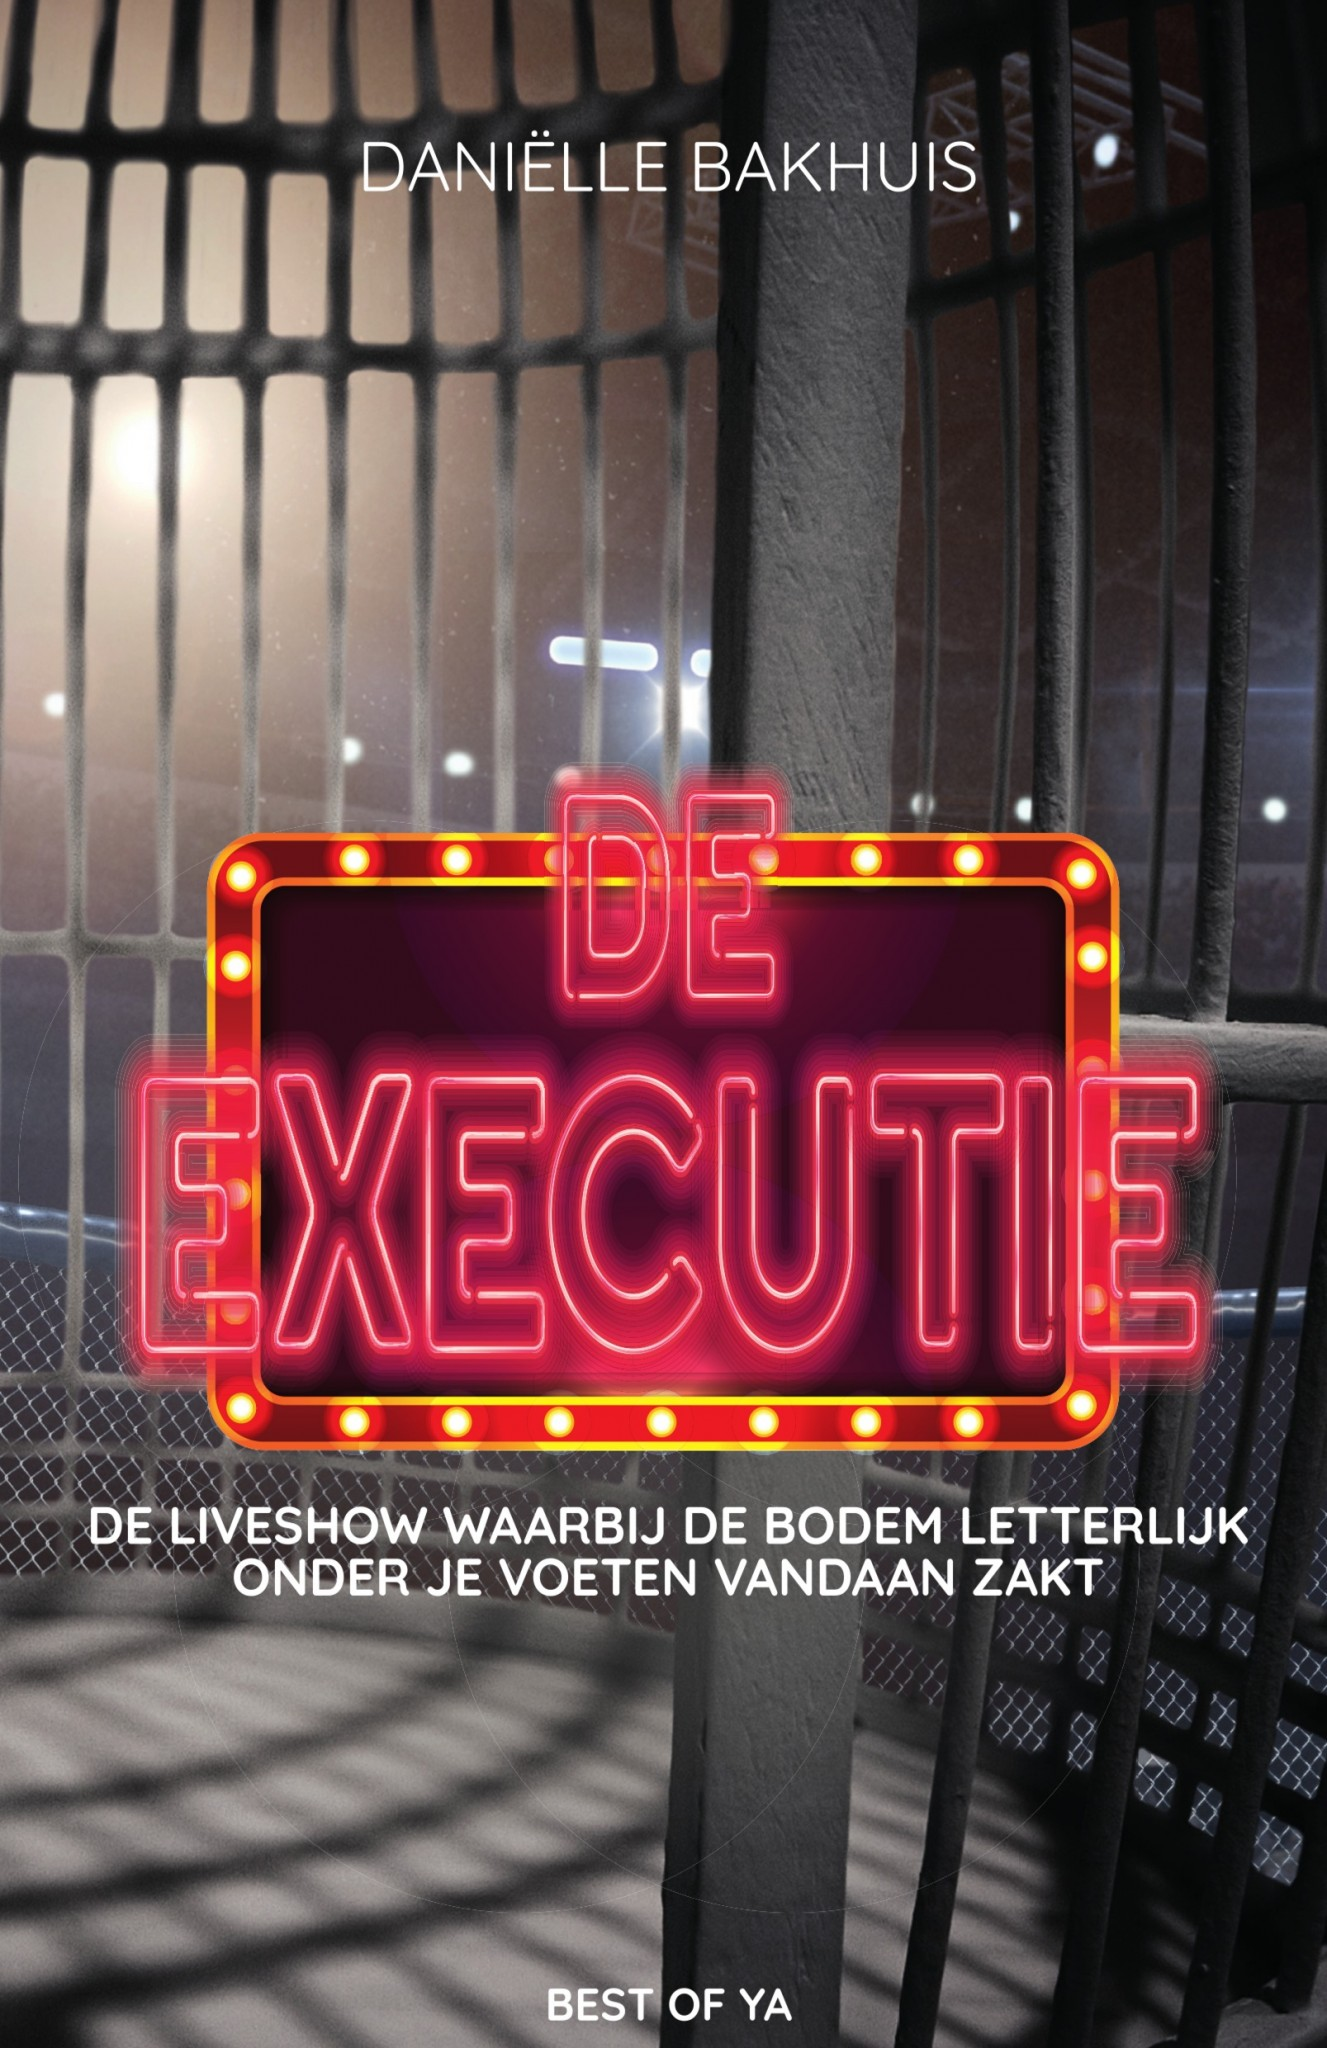 De executie van Daniëlle Bakhuis is één van de elf Leestips van de Jonge Jury 2020